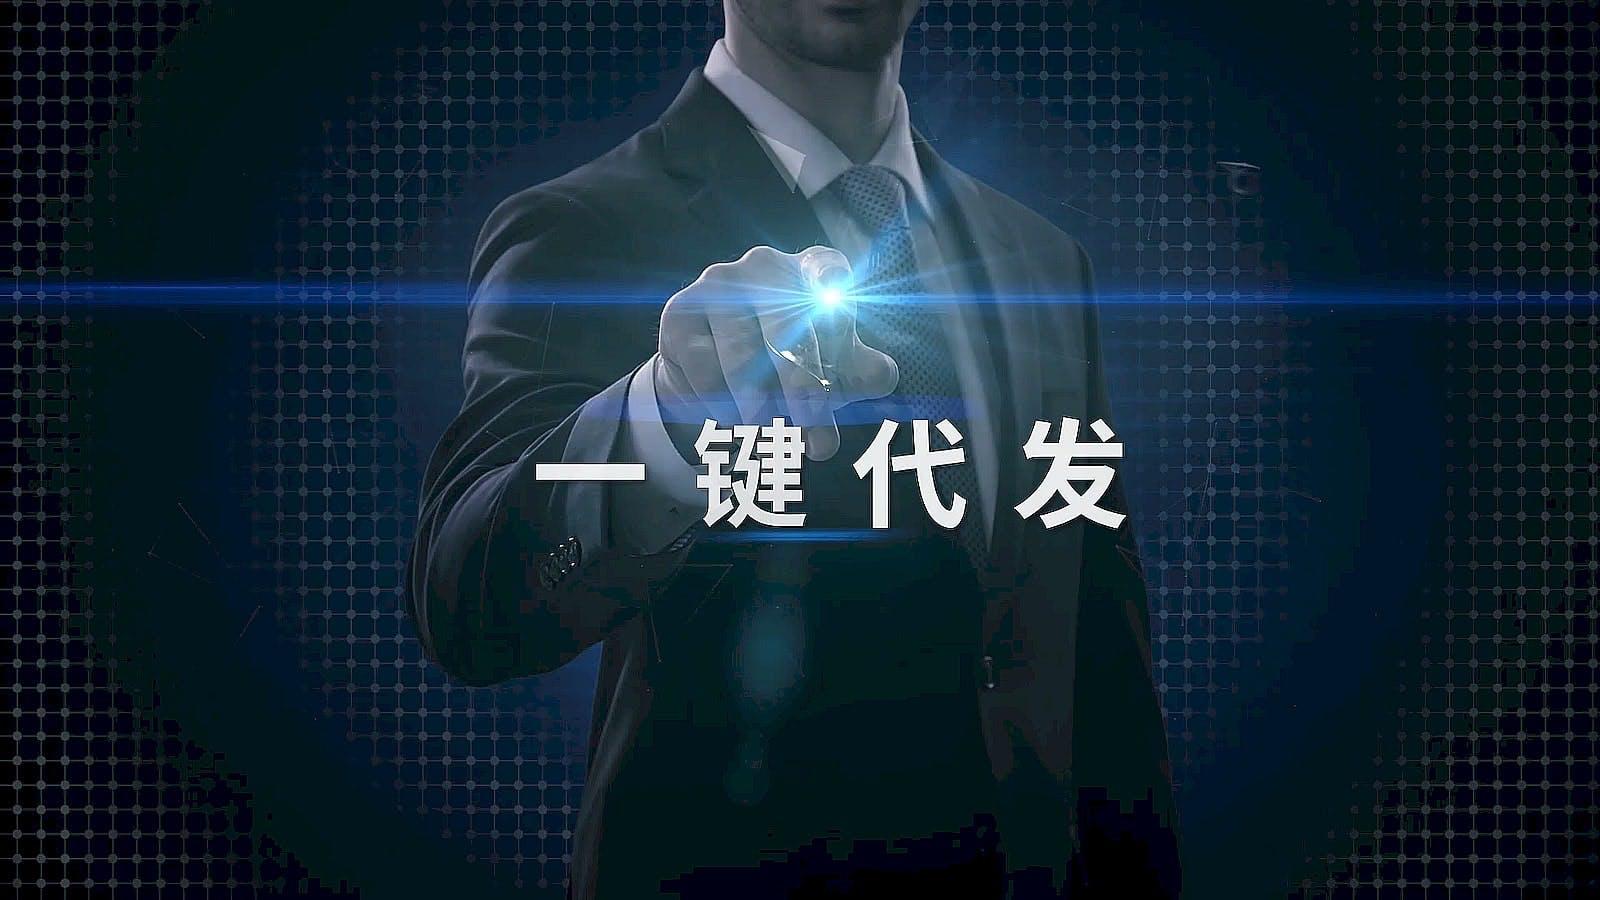 TCI 大江生医百岳特 一键代发服务 帮客户省时省力 卖向世界